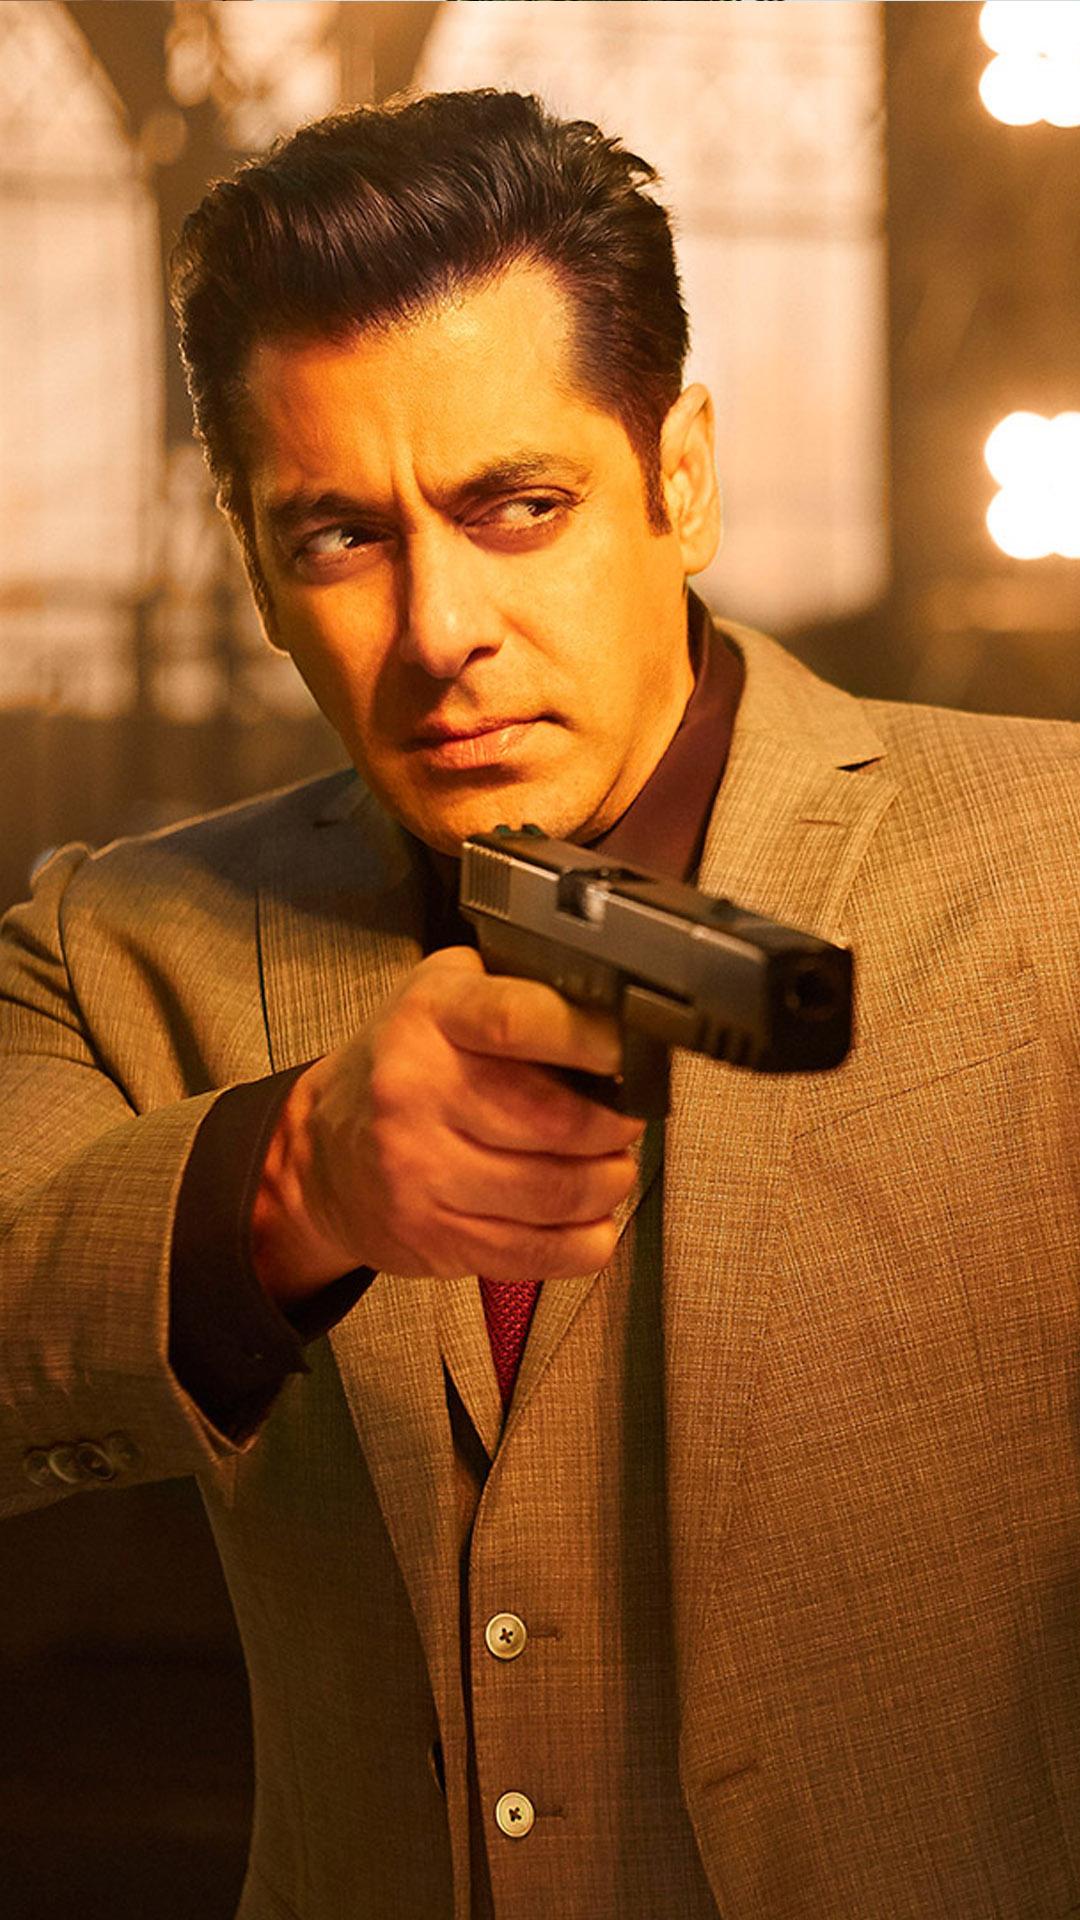 Salman Khan Race 3 Hd Mobile Wallpaper Download Free 100 Pure Hd